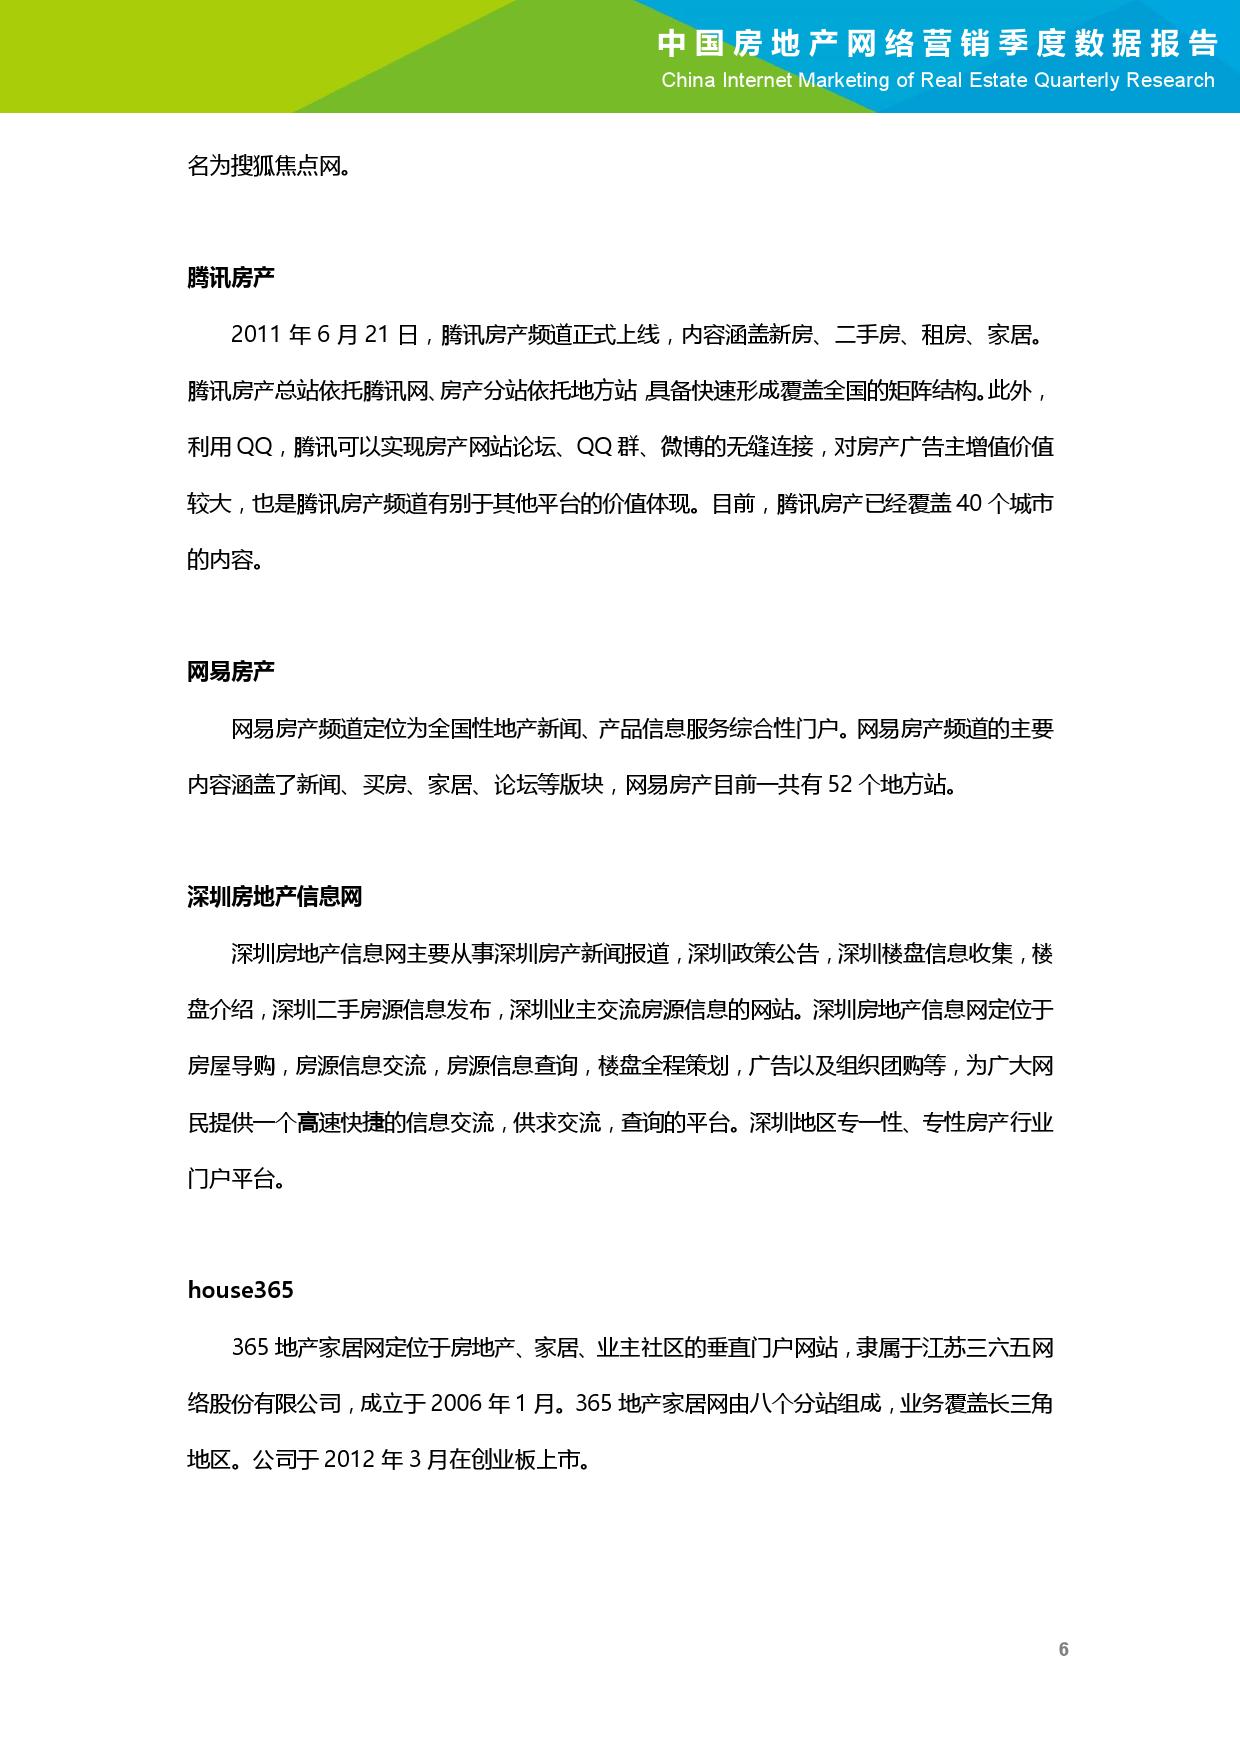 2016年Q1中国房地产网络营销季度数据报告_000007